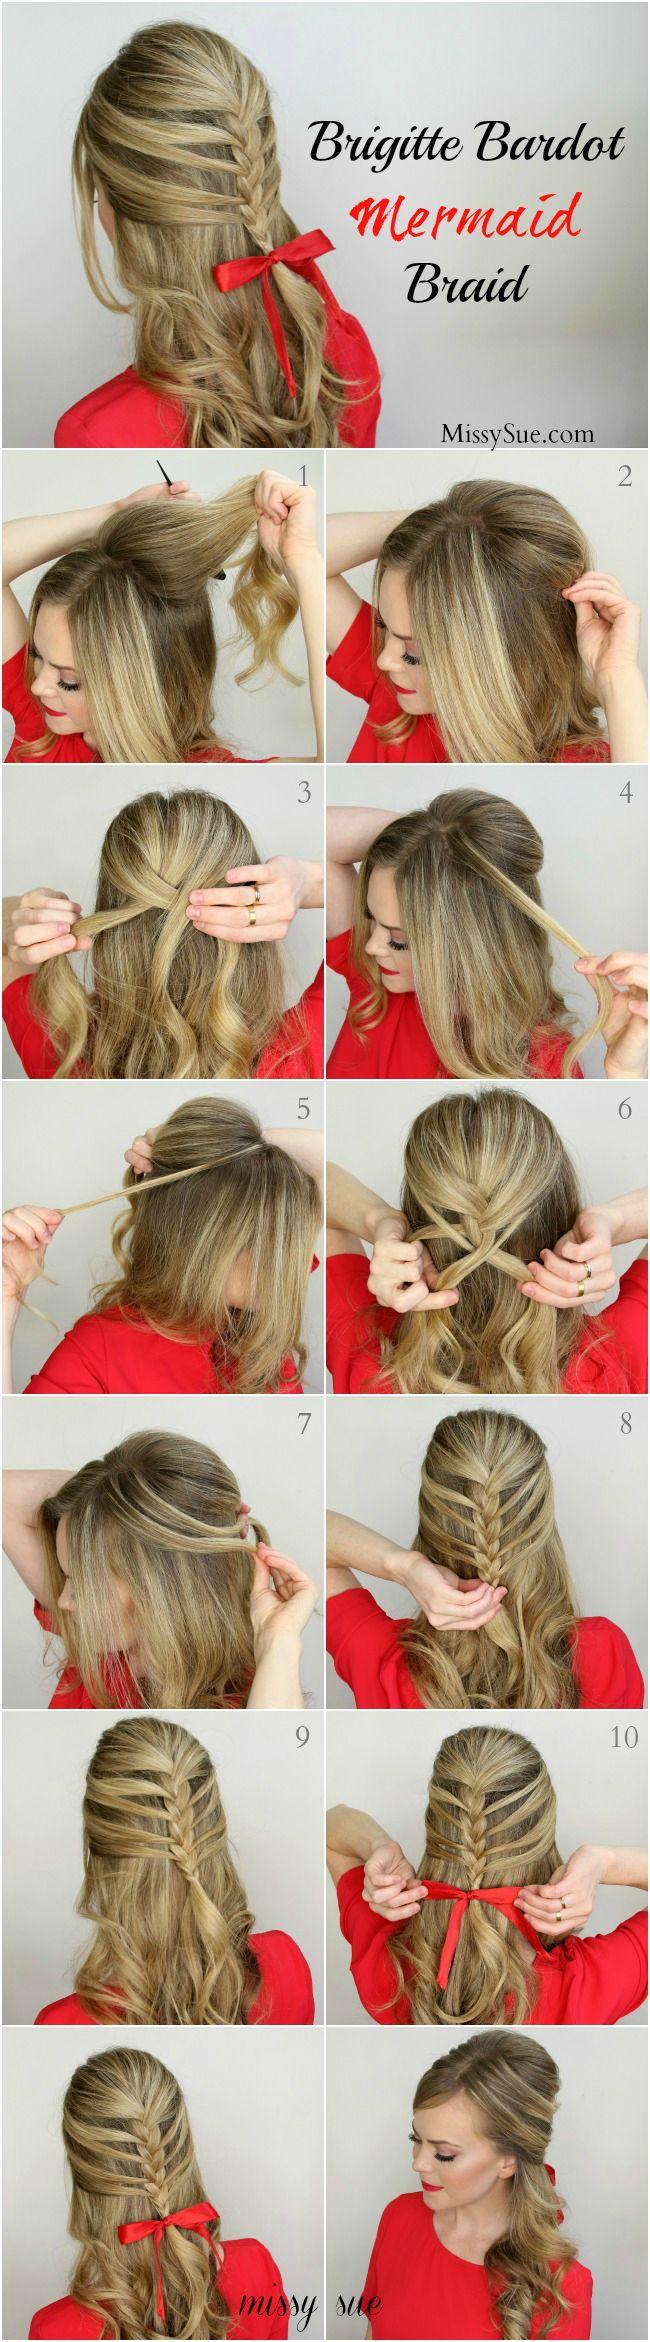 12 مزين تسريحات الشعر وإذا حاولت القيام